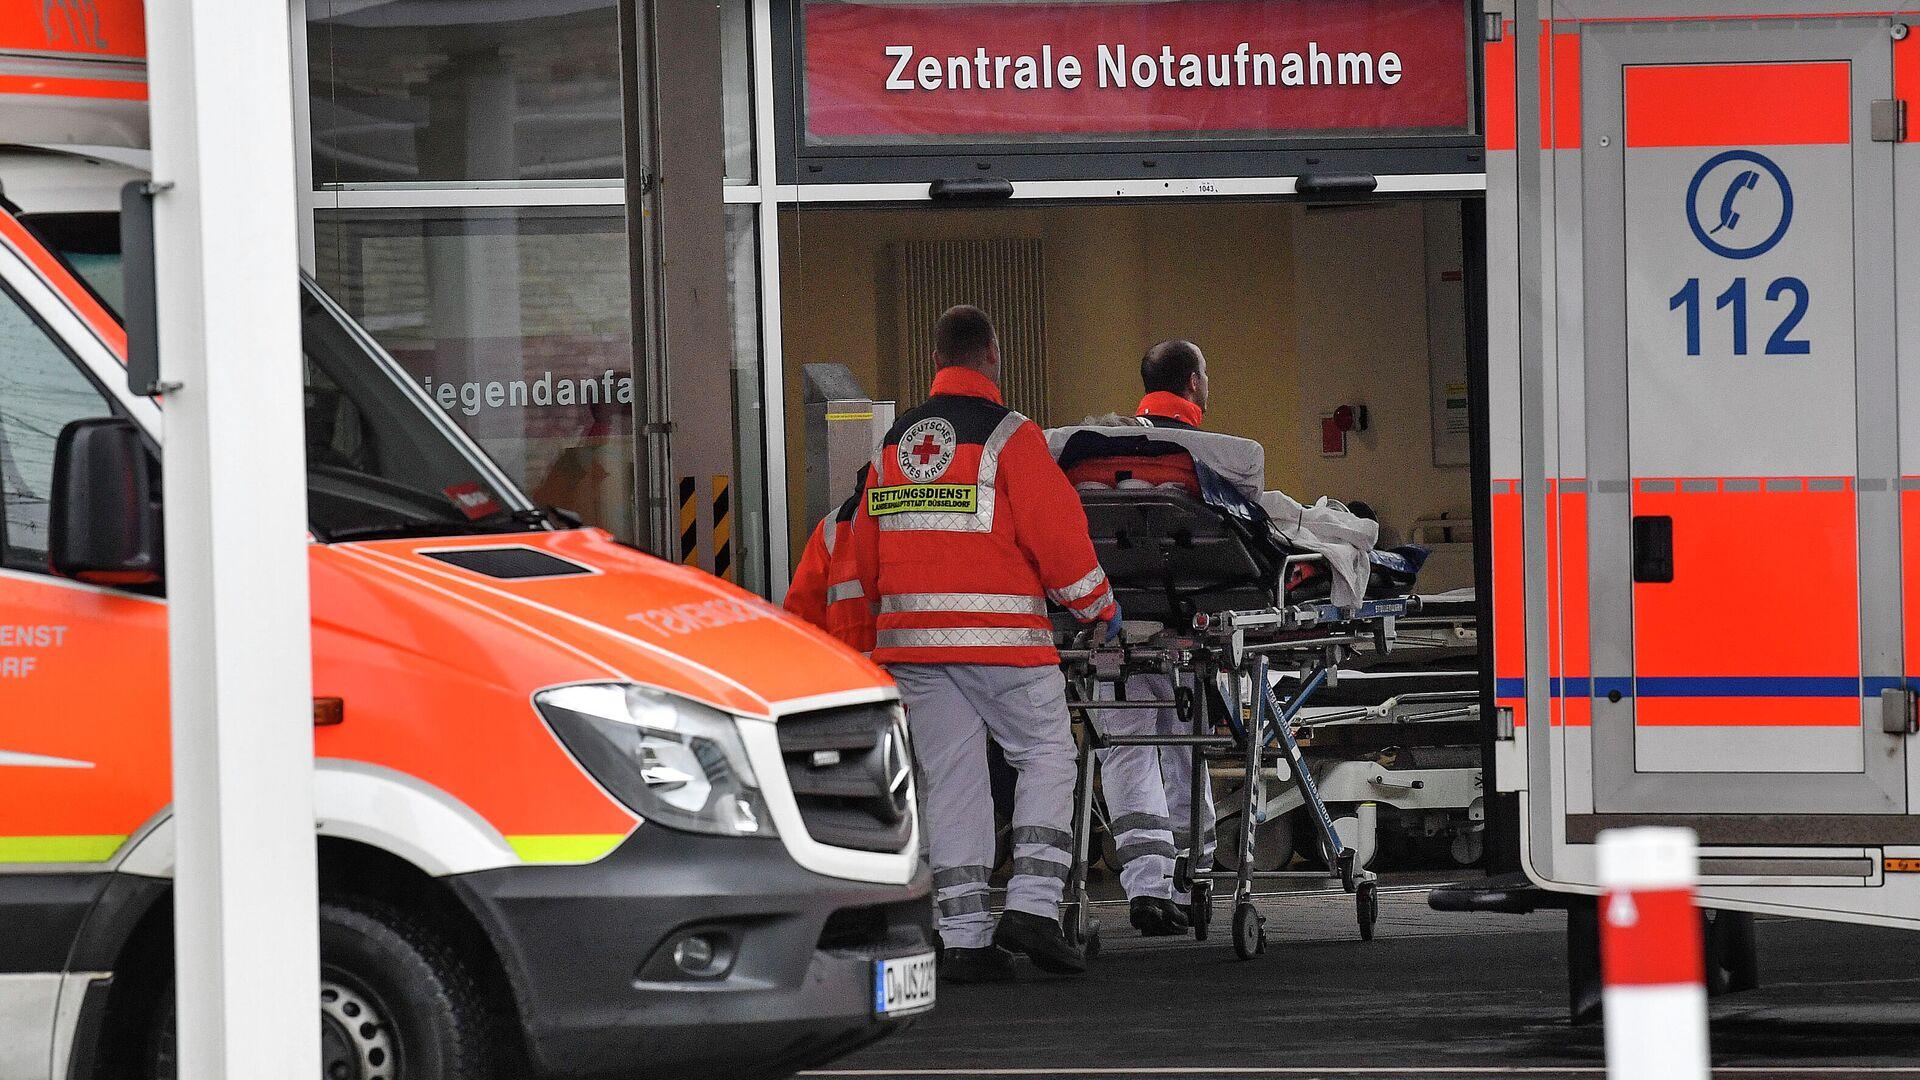 В Германии число случаев COVID-19 превысило 1,6 миллиона